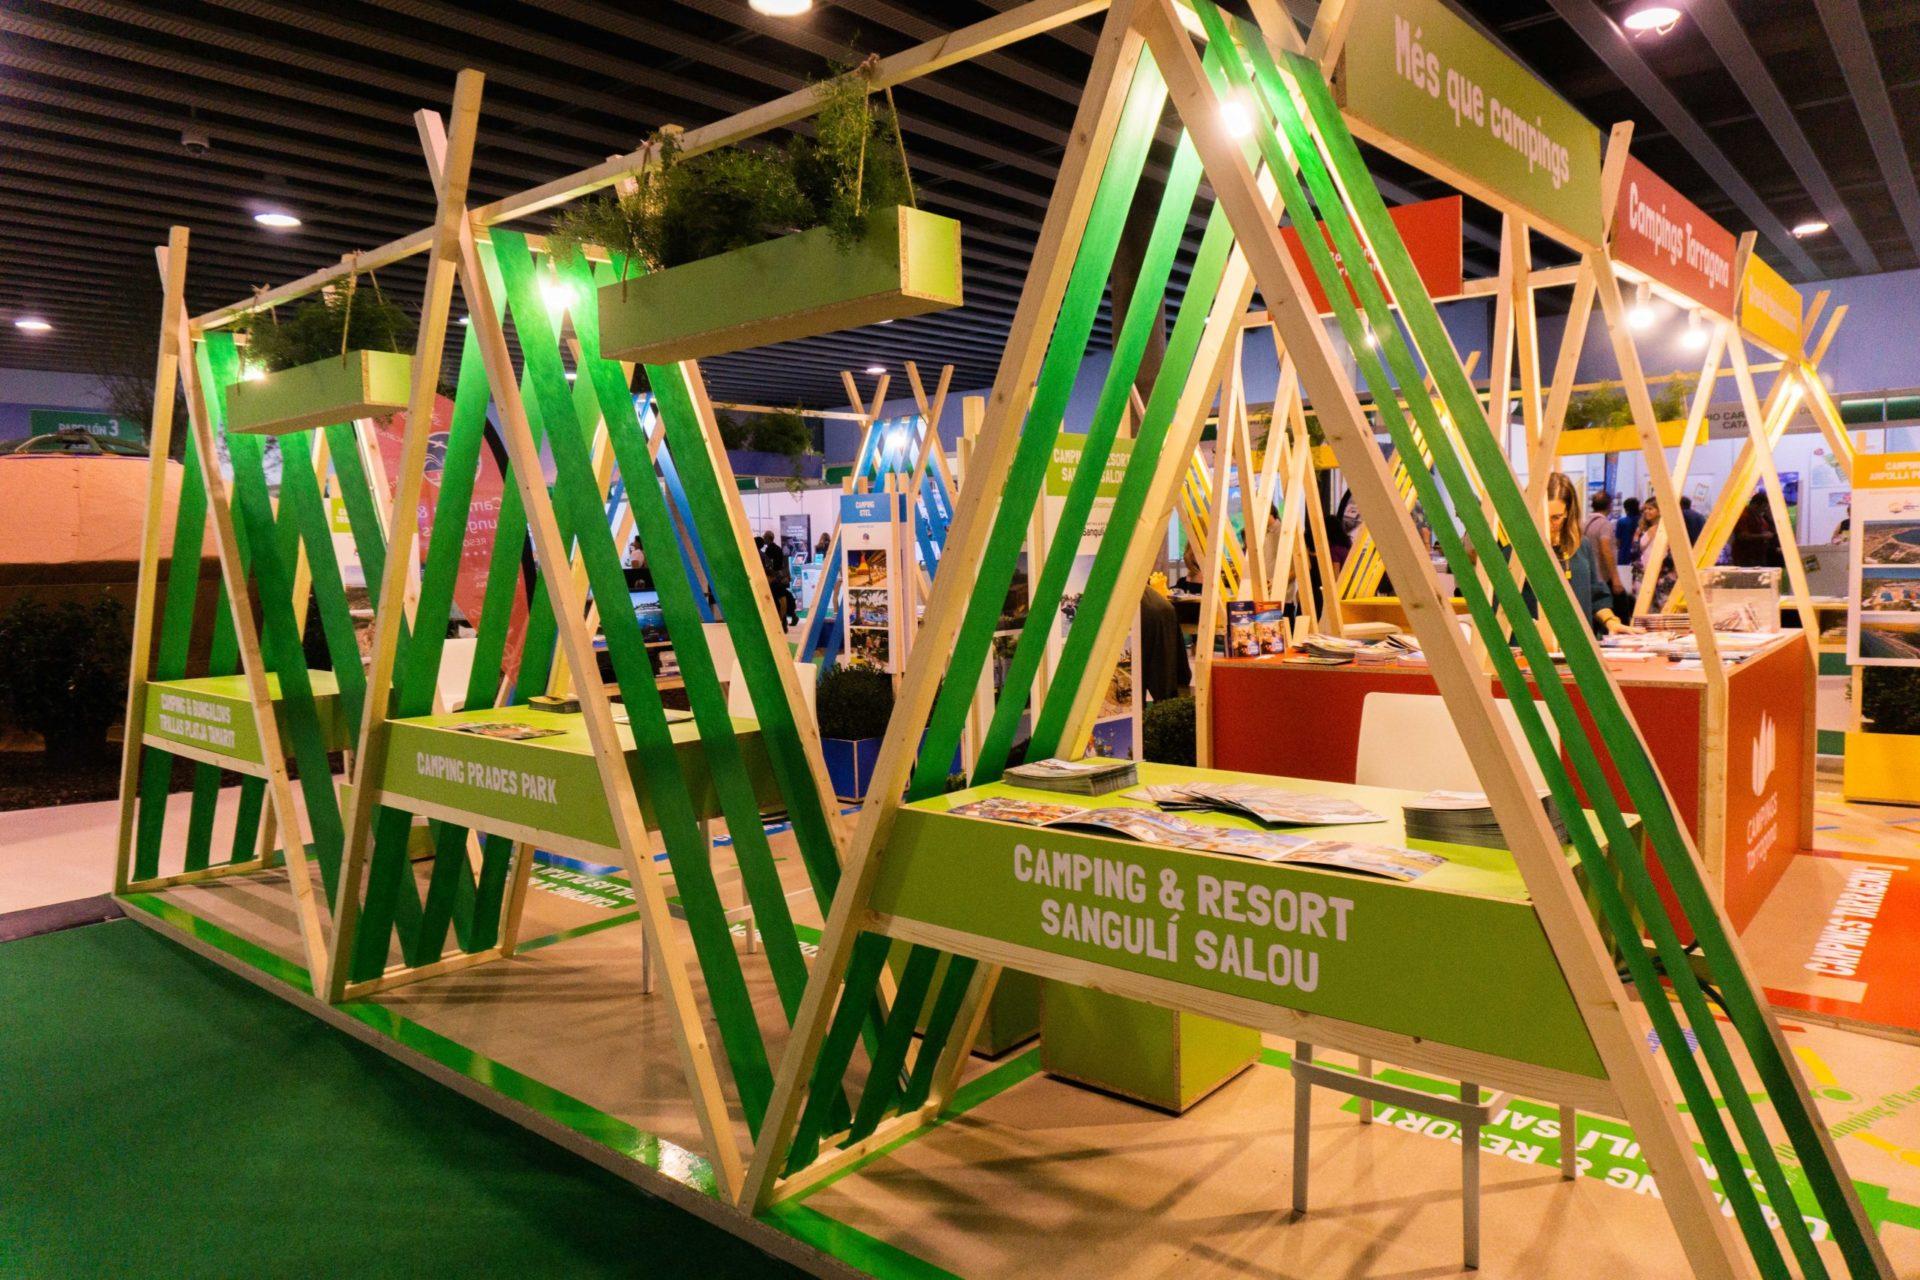 Diseño de stand efímero para feria turística